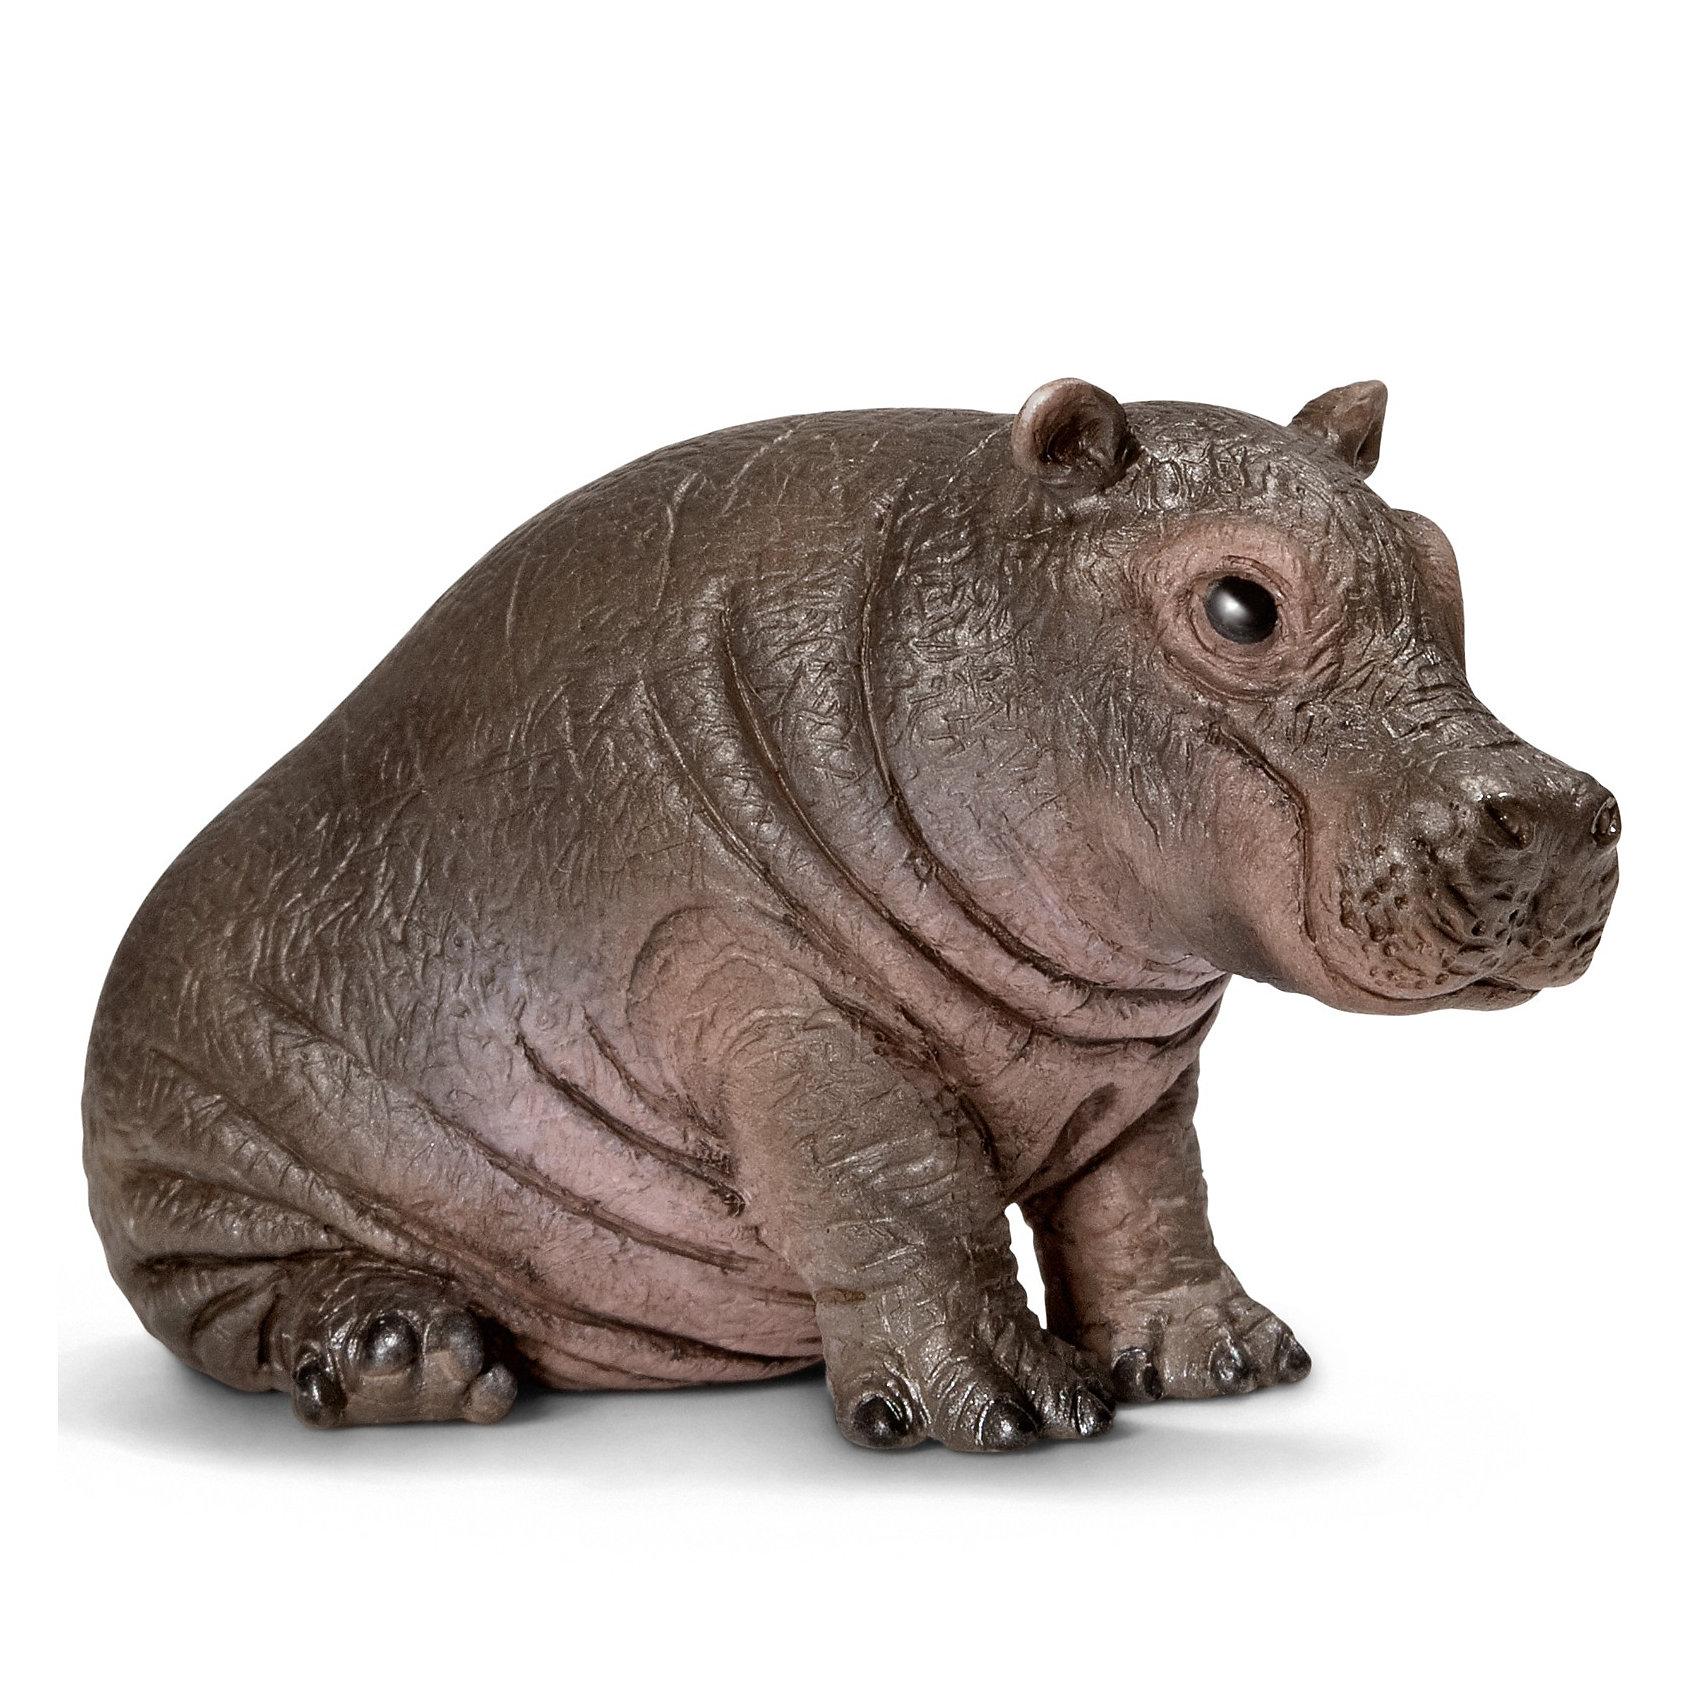 Schleich Гиппопотам, детеныш. Серия Дикие животныеМир животных<br>Гиппопотам — одно из крупнейших современных наземных животных. Он обитает в Африке, имеет большие и острые зубы.<br>Пластиковая фигурка от «Schleich (Шляйх)» кажется настоящим гиппопотамом, только очень-очень маленьким, легко помещающегося на ладони. Начните коллекцию крохотных животных с этой игрушки.<br><br>Дополнительная информация:<br><br>Размеры: 5,7х3,4х3,3 см<br>Материал: пластик<br>Фигурка раскрашена вручную<br><br>Фигурку детеныша гиппопотама от Schleich (Шляйх), серии Дикие животные можно купить в нашем магазине.<br><br>Ширина мм: 58<br>Глубина мм: 53<br>Высота мм: 32<br>Вес г: 29<br>Возраст от месяцев: 36<br>Возраст до месяцев: 96<br>Пол: Унисекс<br>Возраст: Детский<br>SKU: 2609258